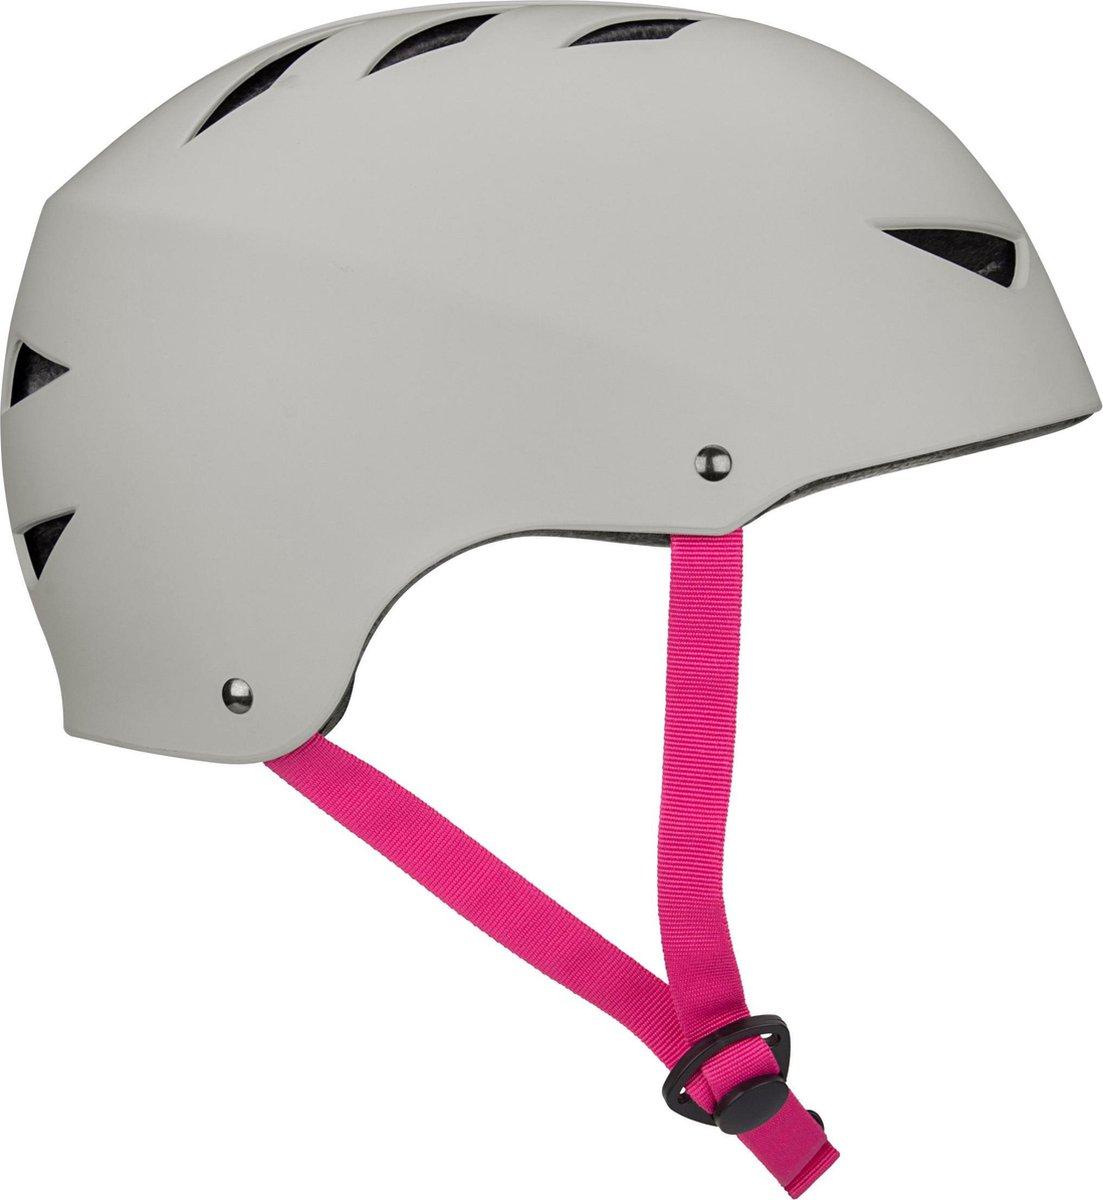 Nijdam Skate Helm - Pinky Swear - Grijs/Fuchsia - L